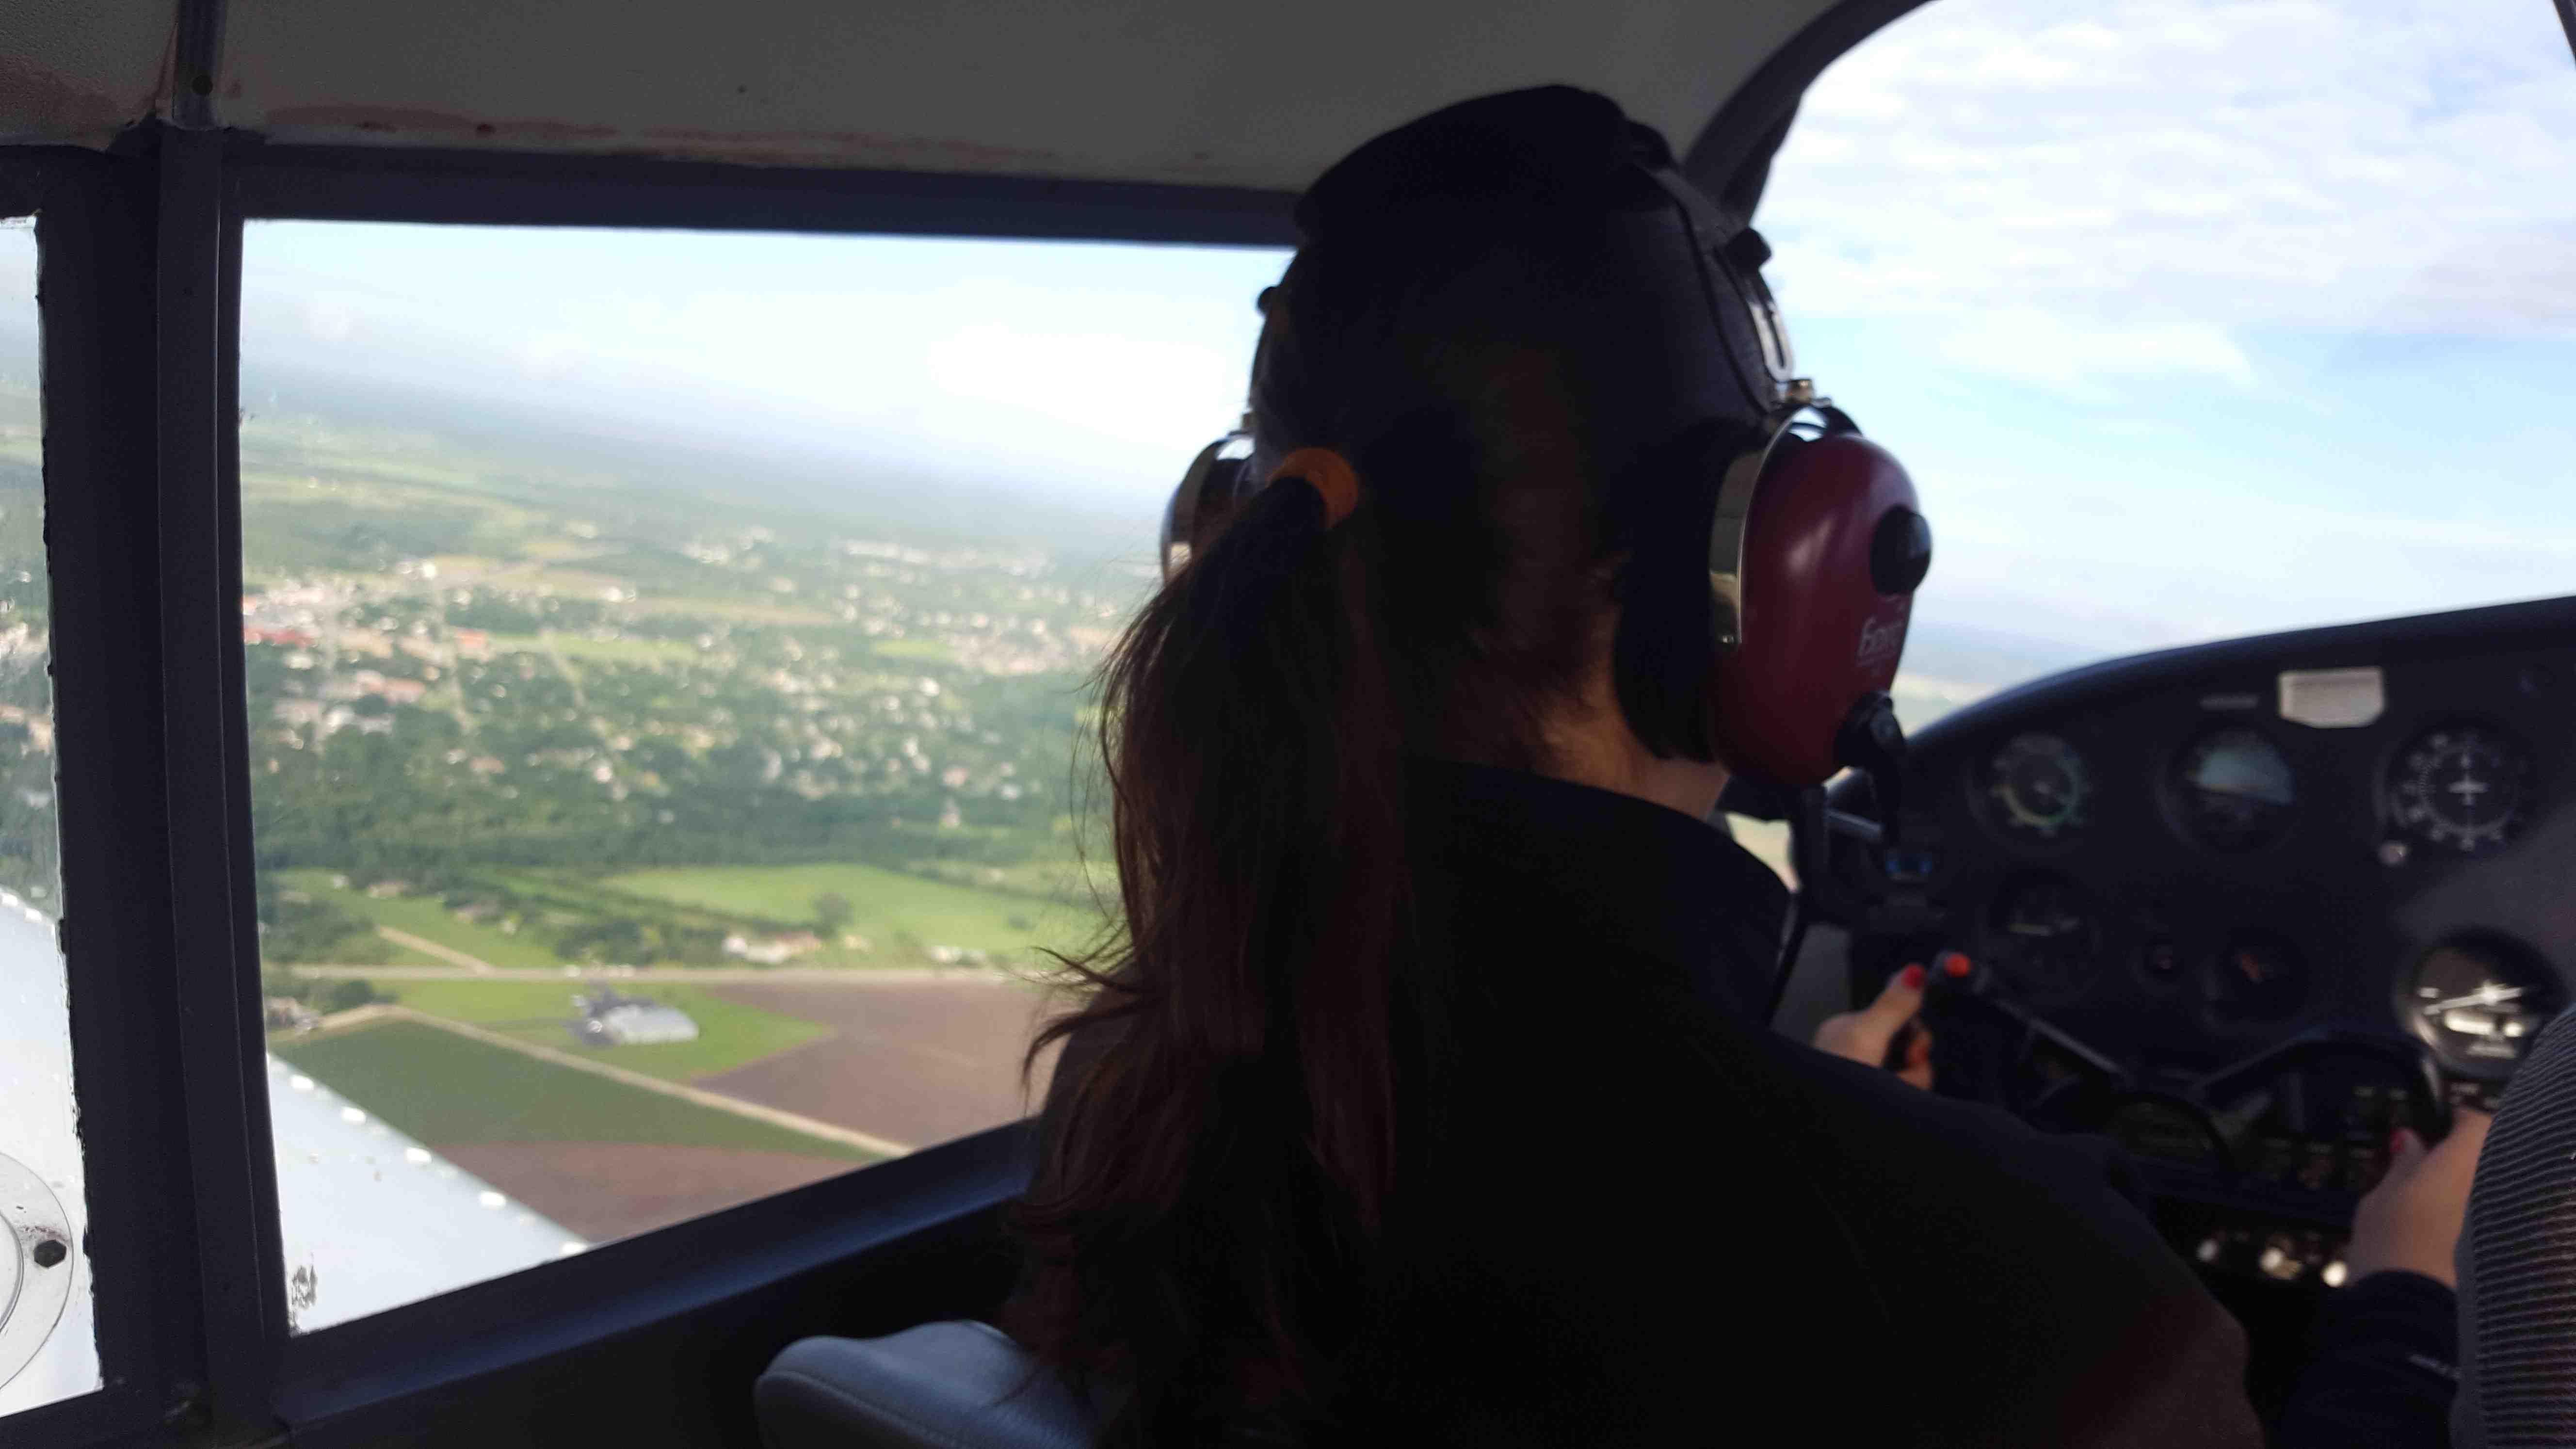 Briana flying